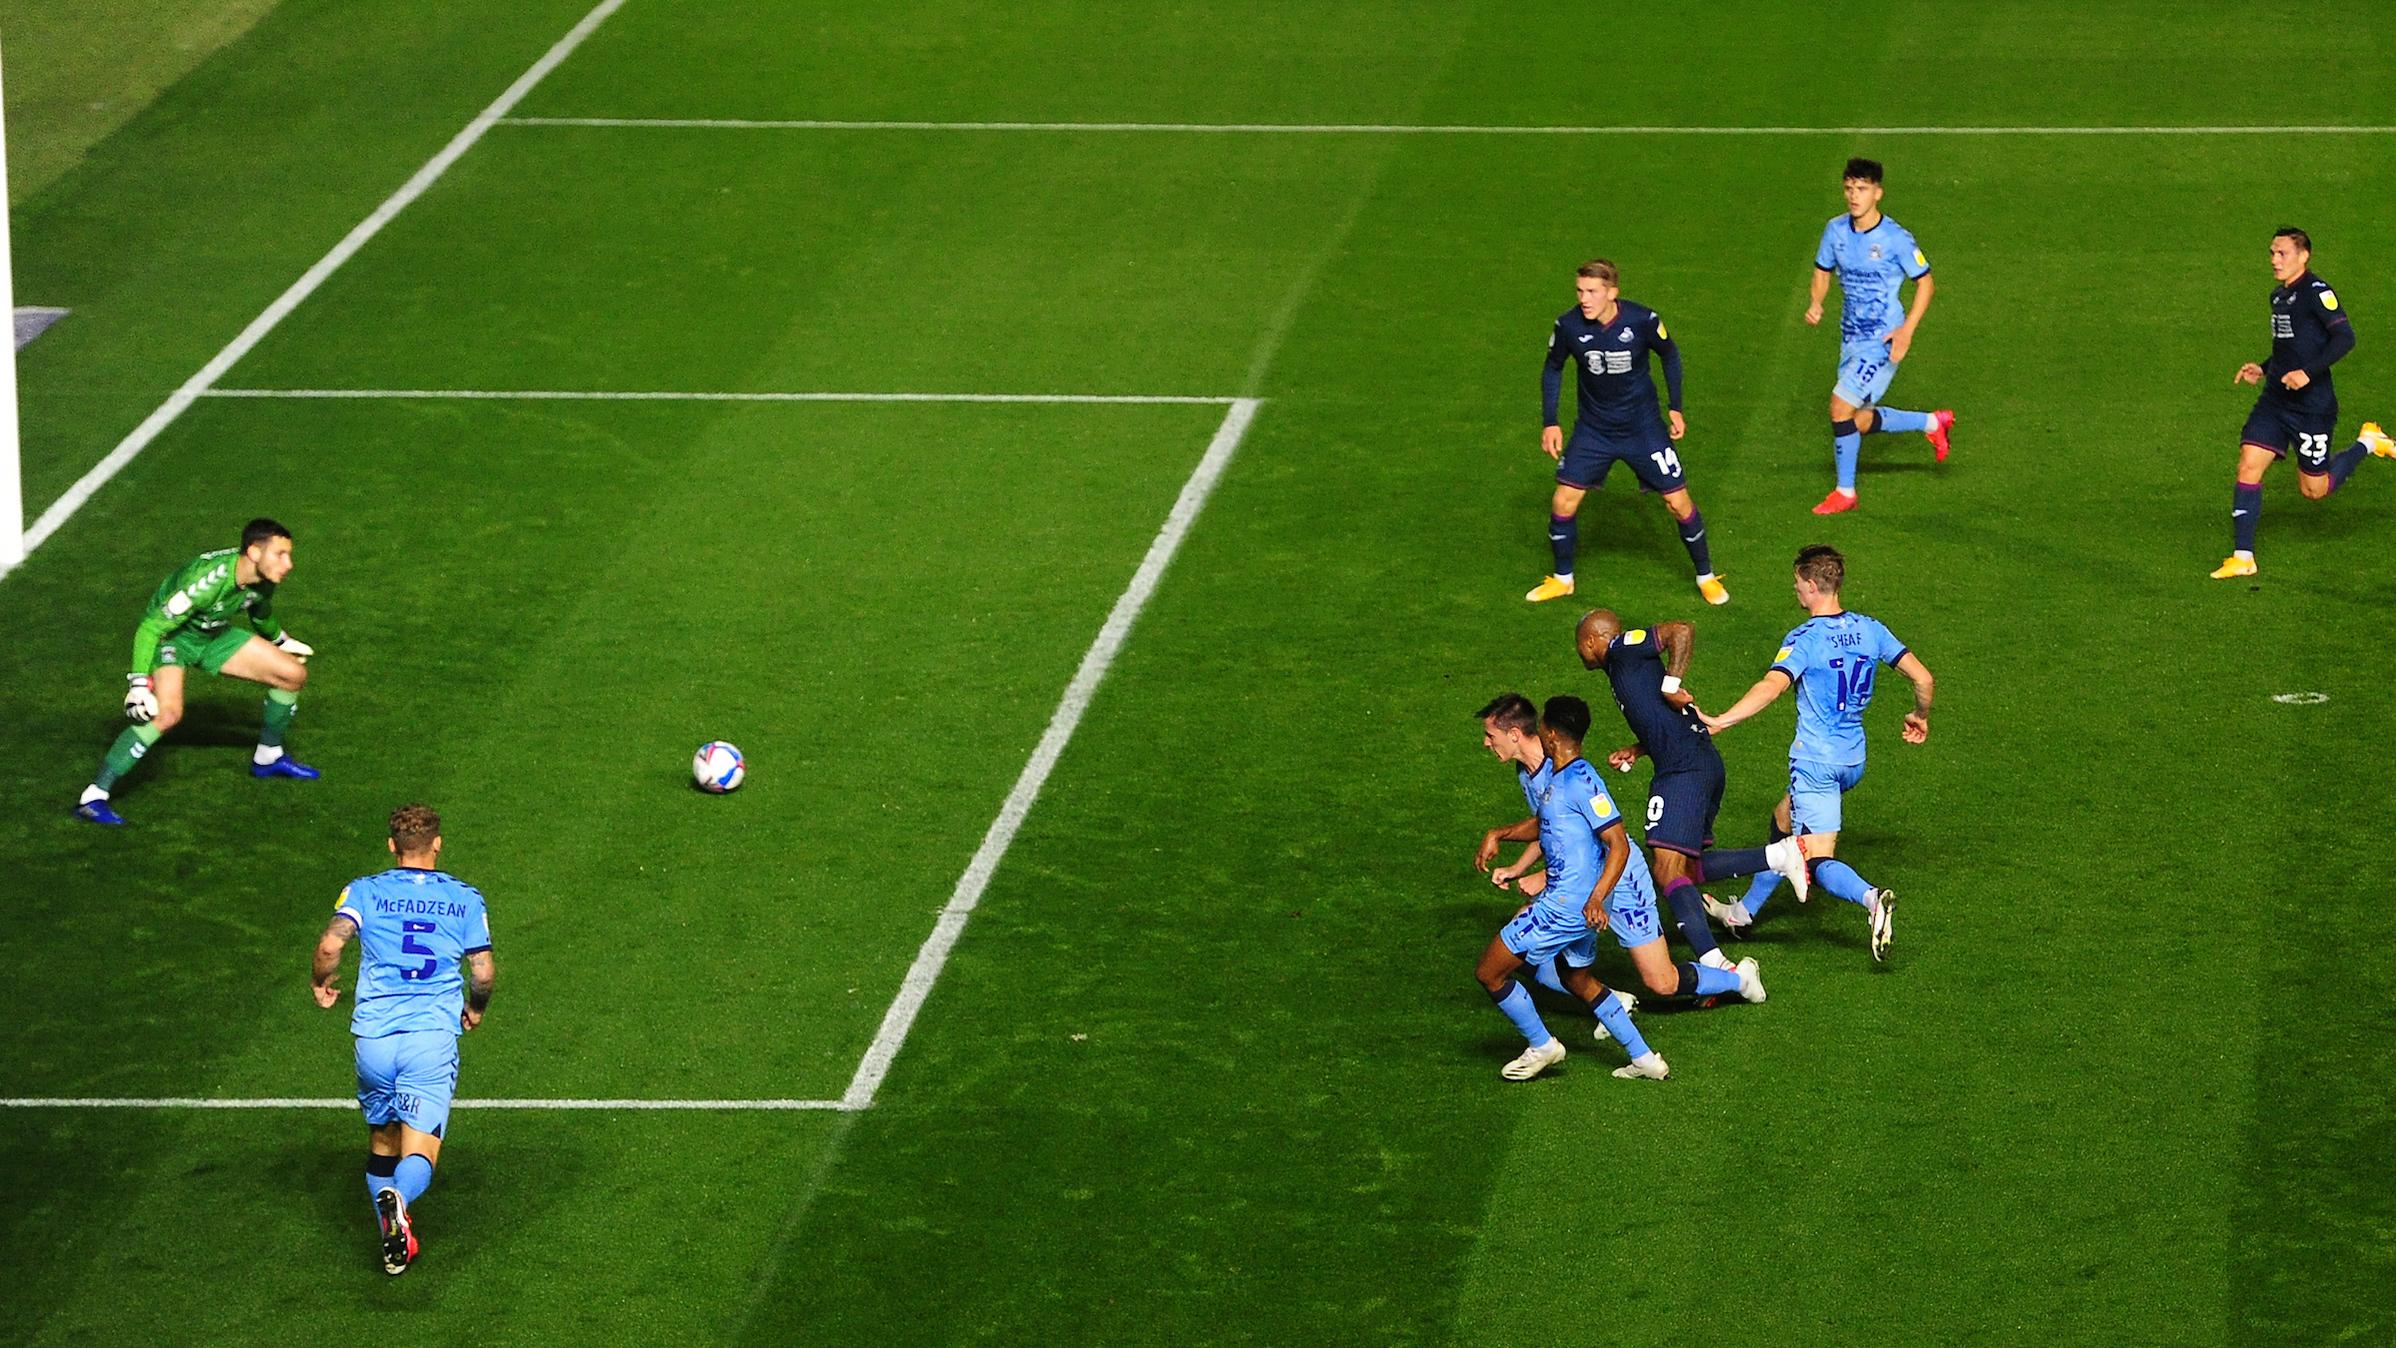 Andre Ayew goal v Coventry